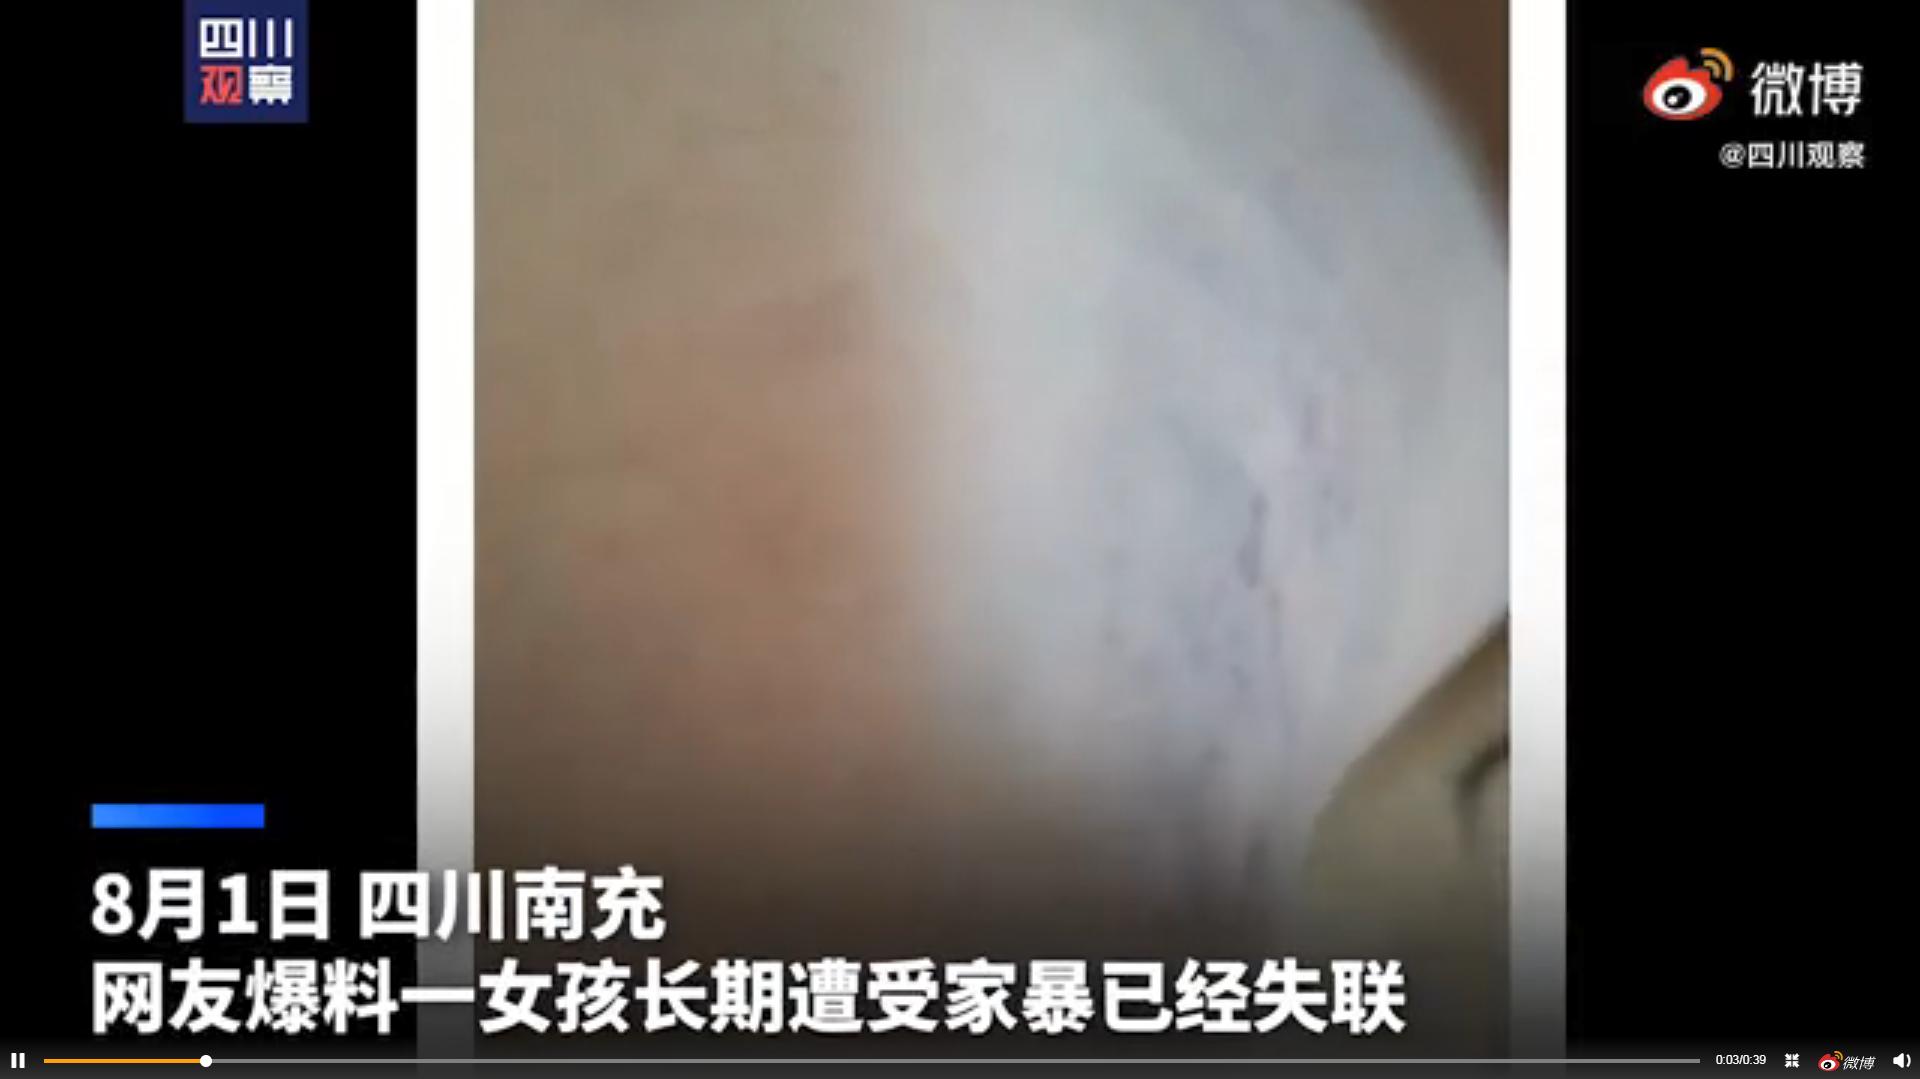 四川南充一女孩长期遭受家暴失联 警方已介入核实